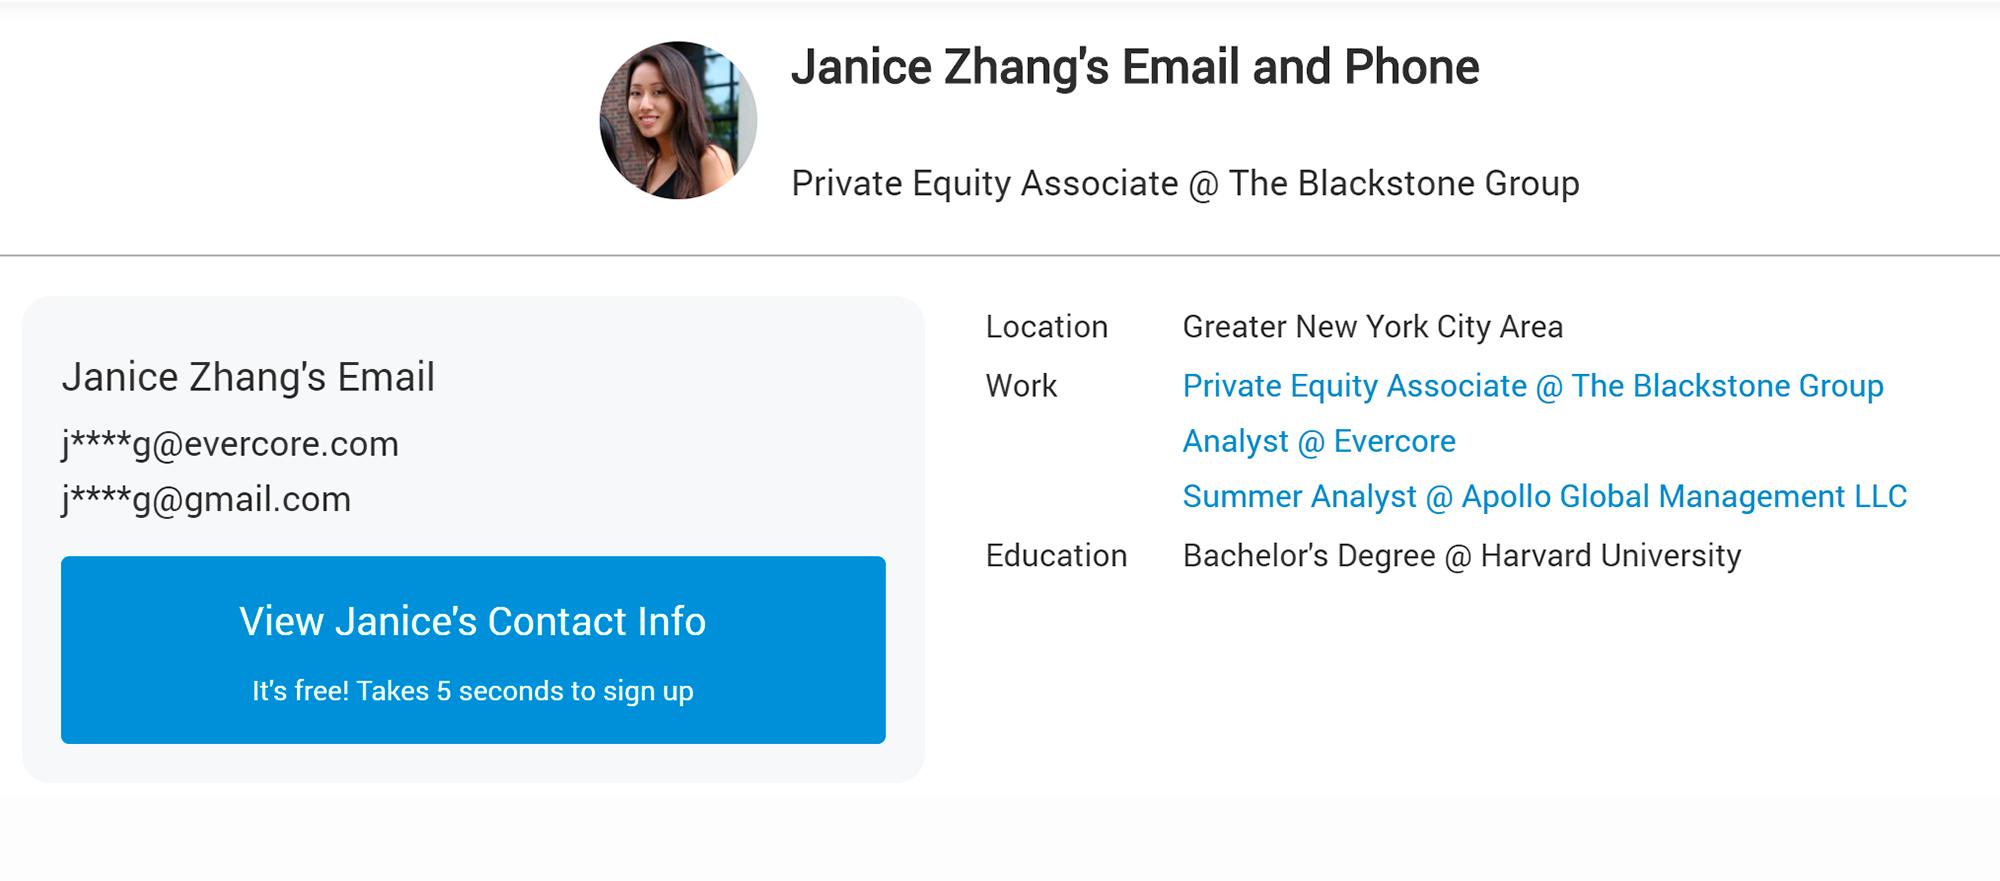 Альфия Домнина — это на самом деле Дженис Чанг, которая работает в Нью-Йорке. Сильно подозреваю, что она тоже никогда не слышала о «Долбери»